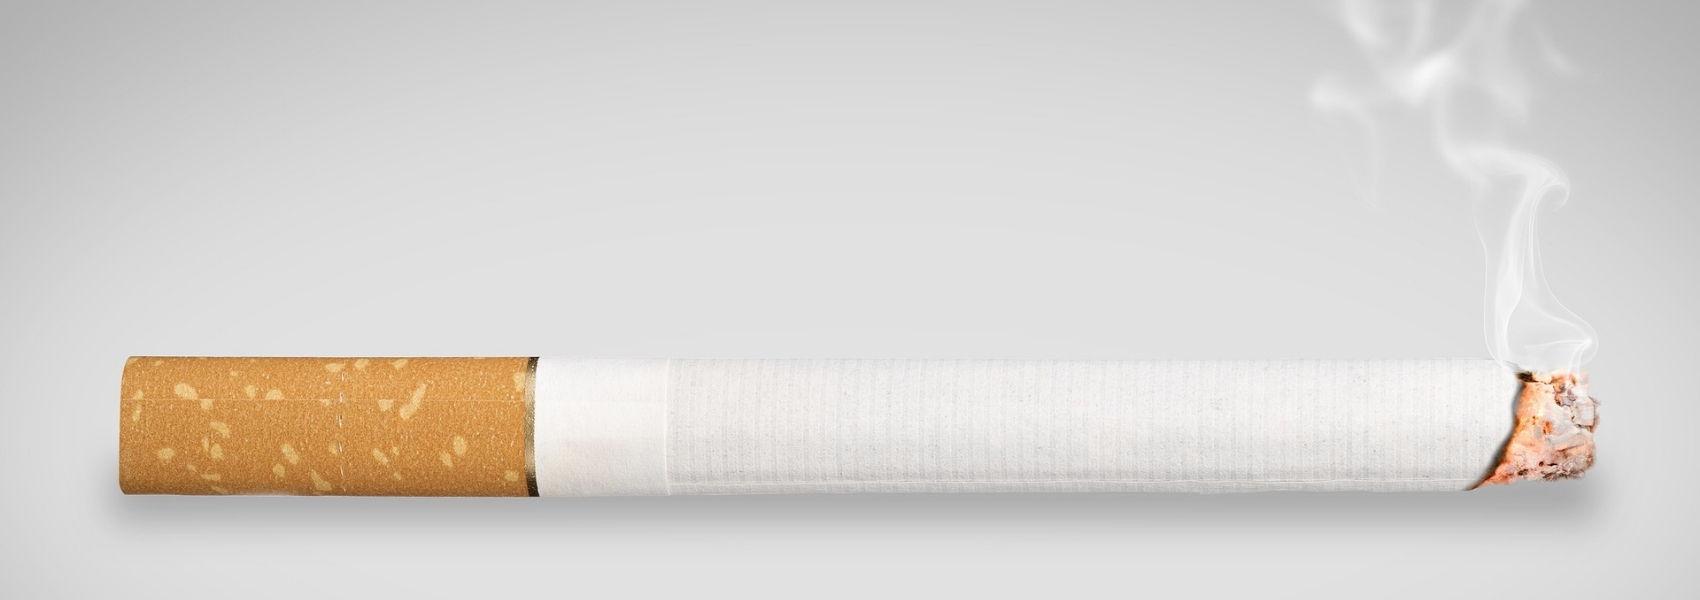 Risco de sobreviver a cancro de pele cai 40% para os fumadores